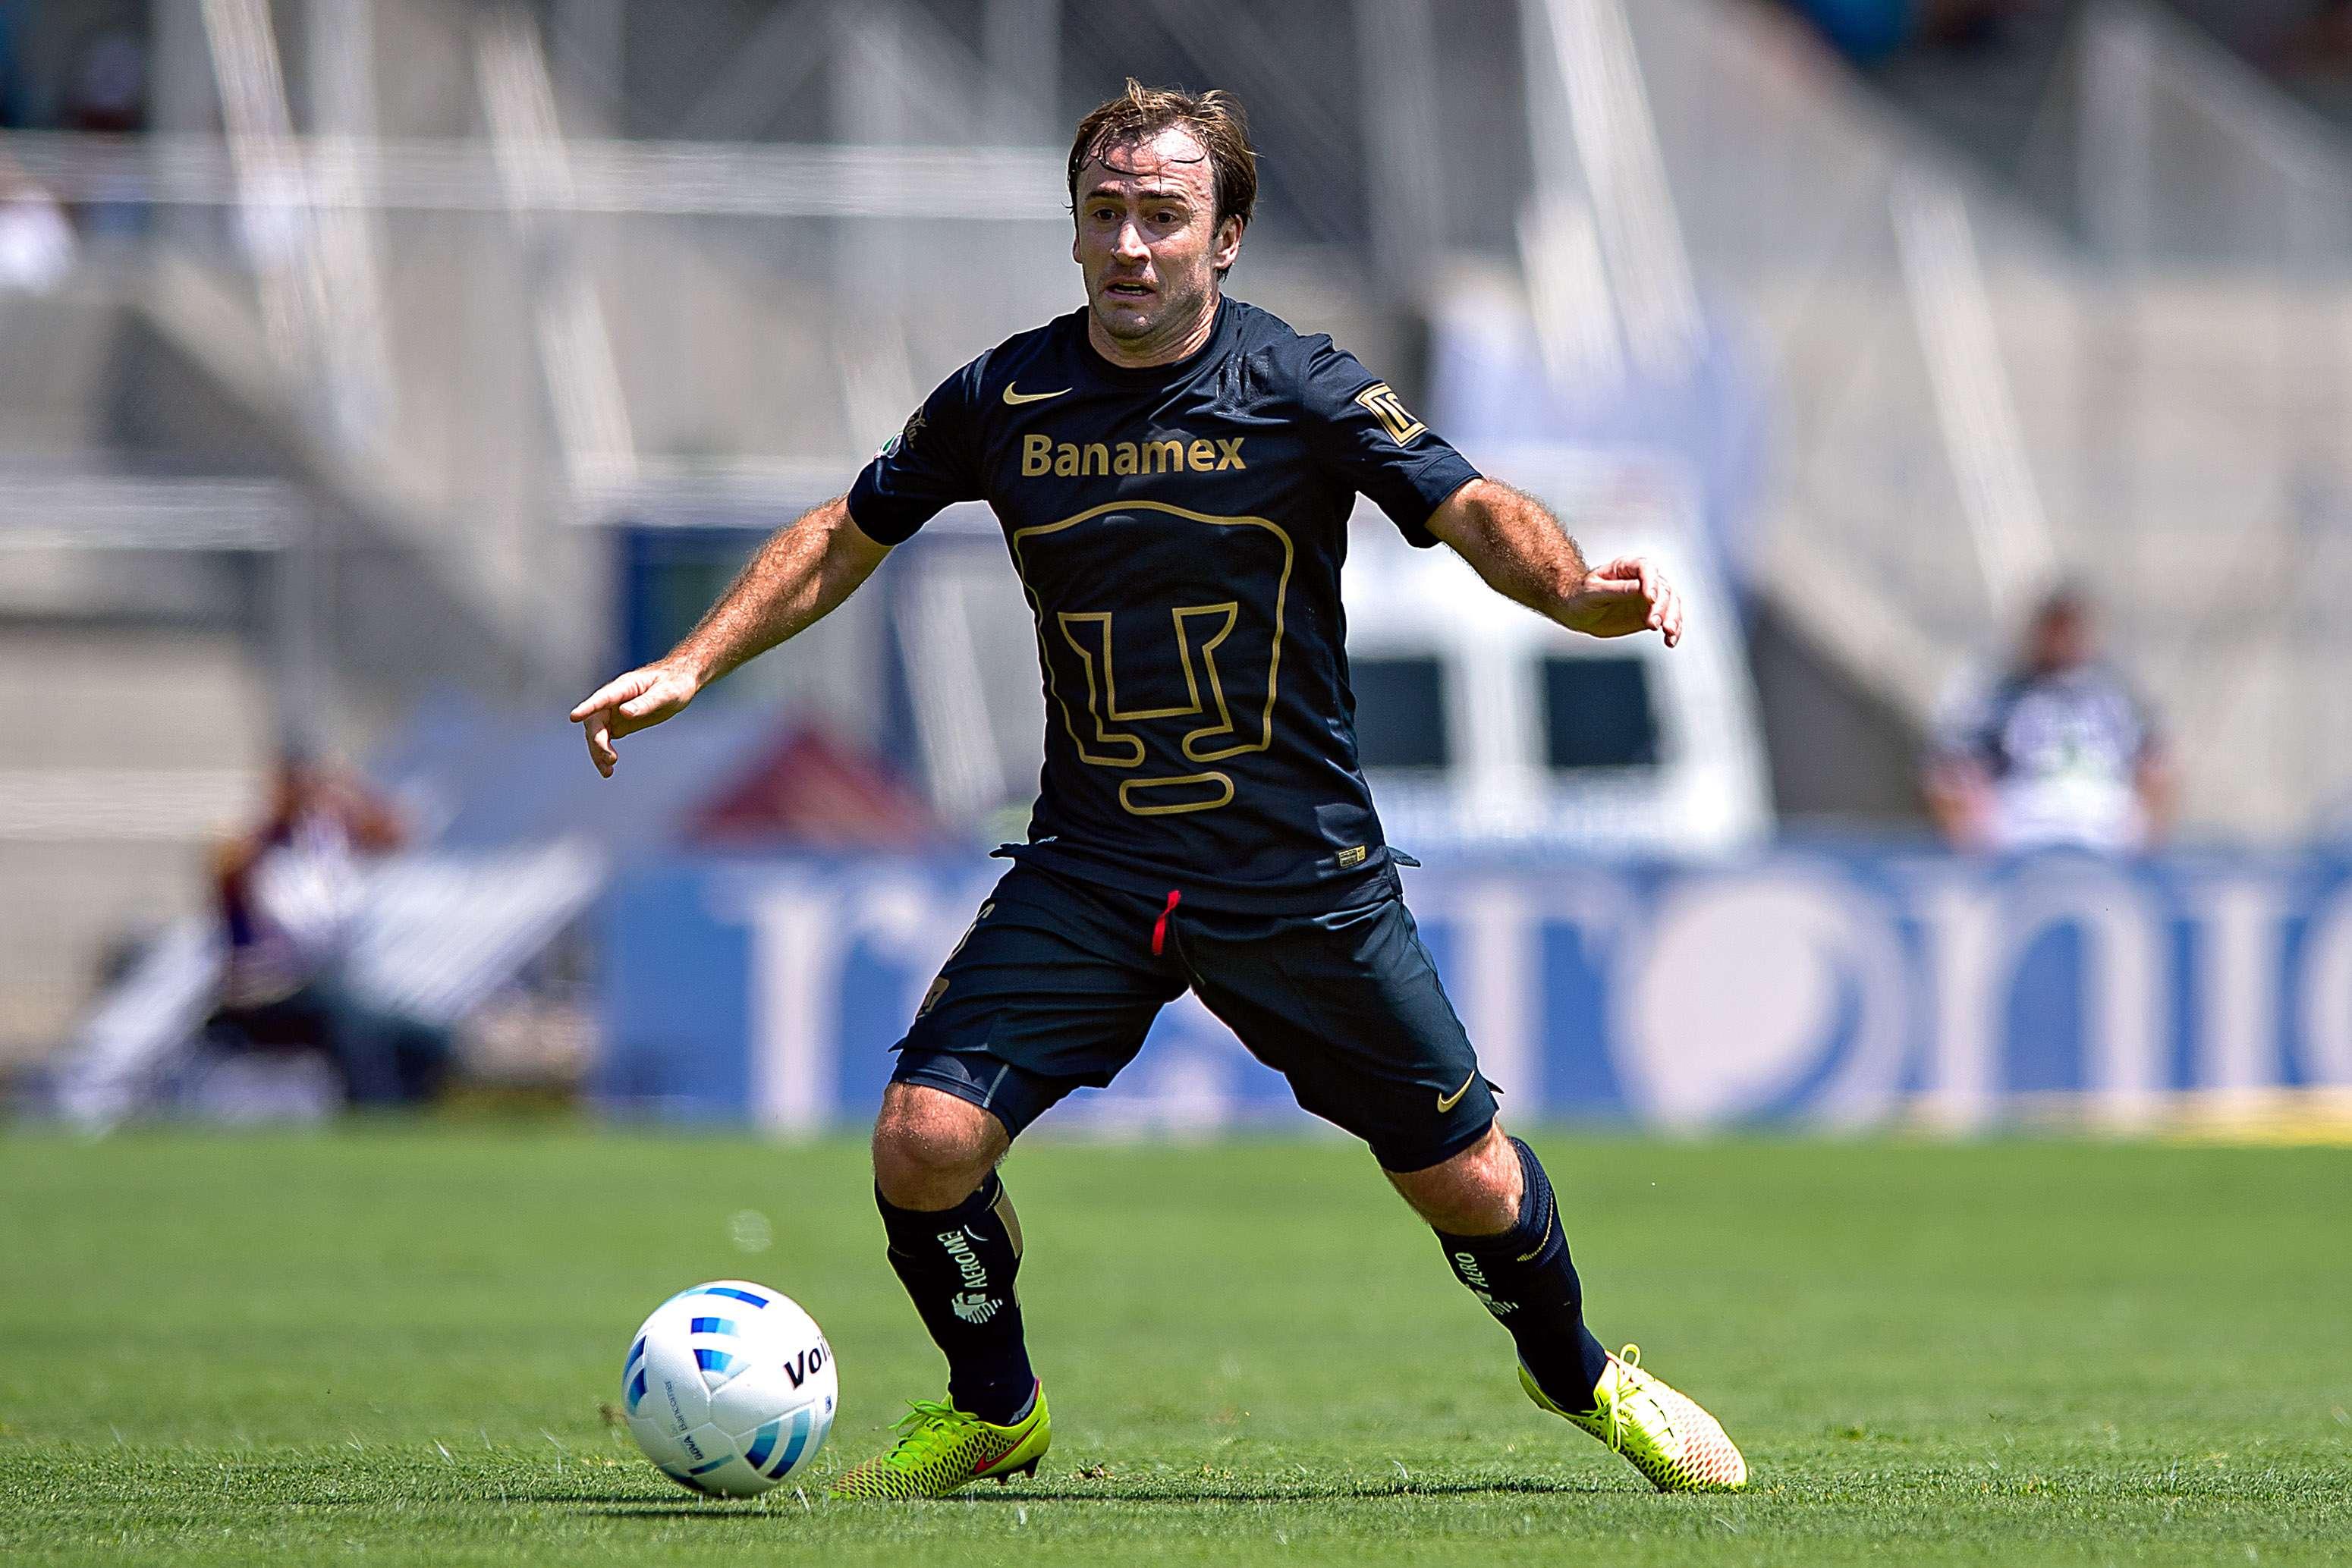 Martín Romagnoli, mediocampista de los Pumas de la UNAM. Foto: Mexsport